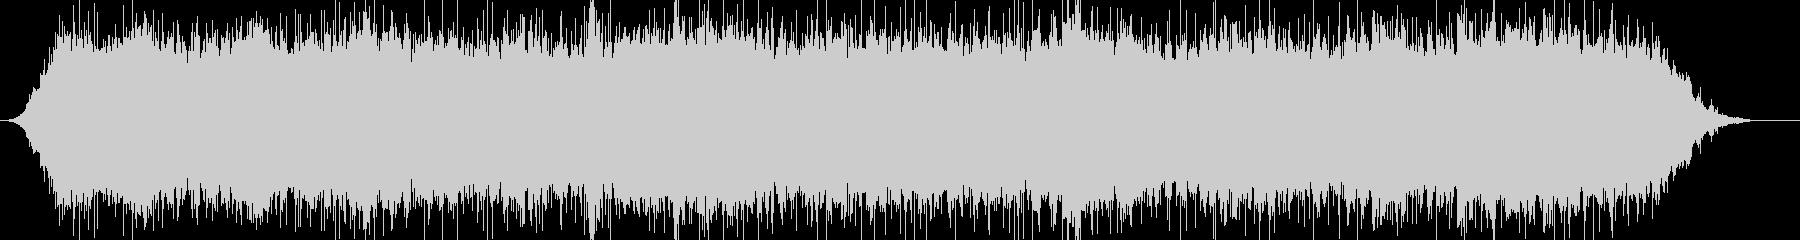 シネマサウンドに最適のBGMの未再生の波形